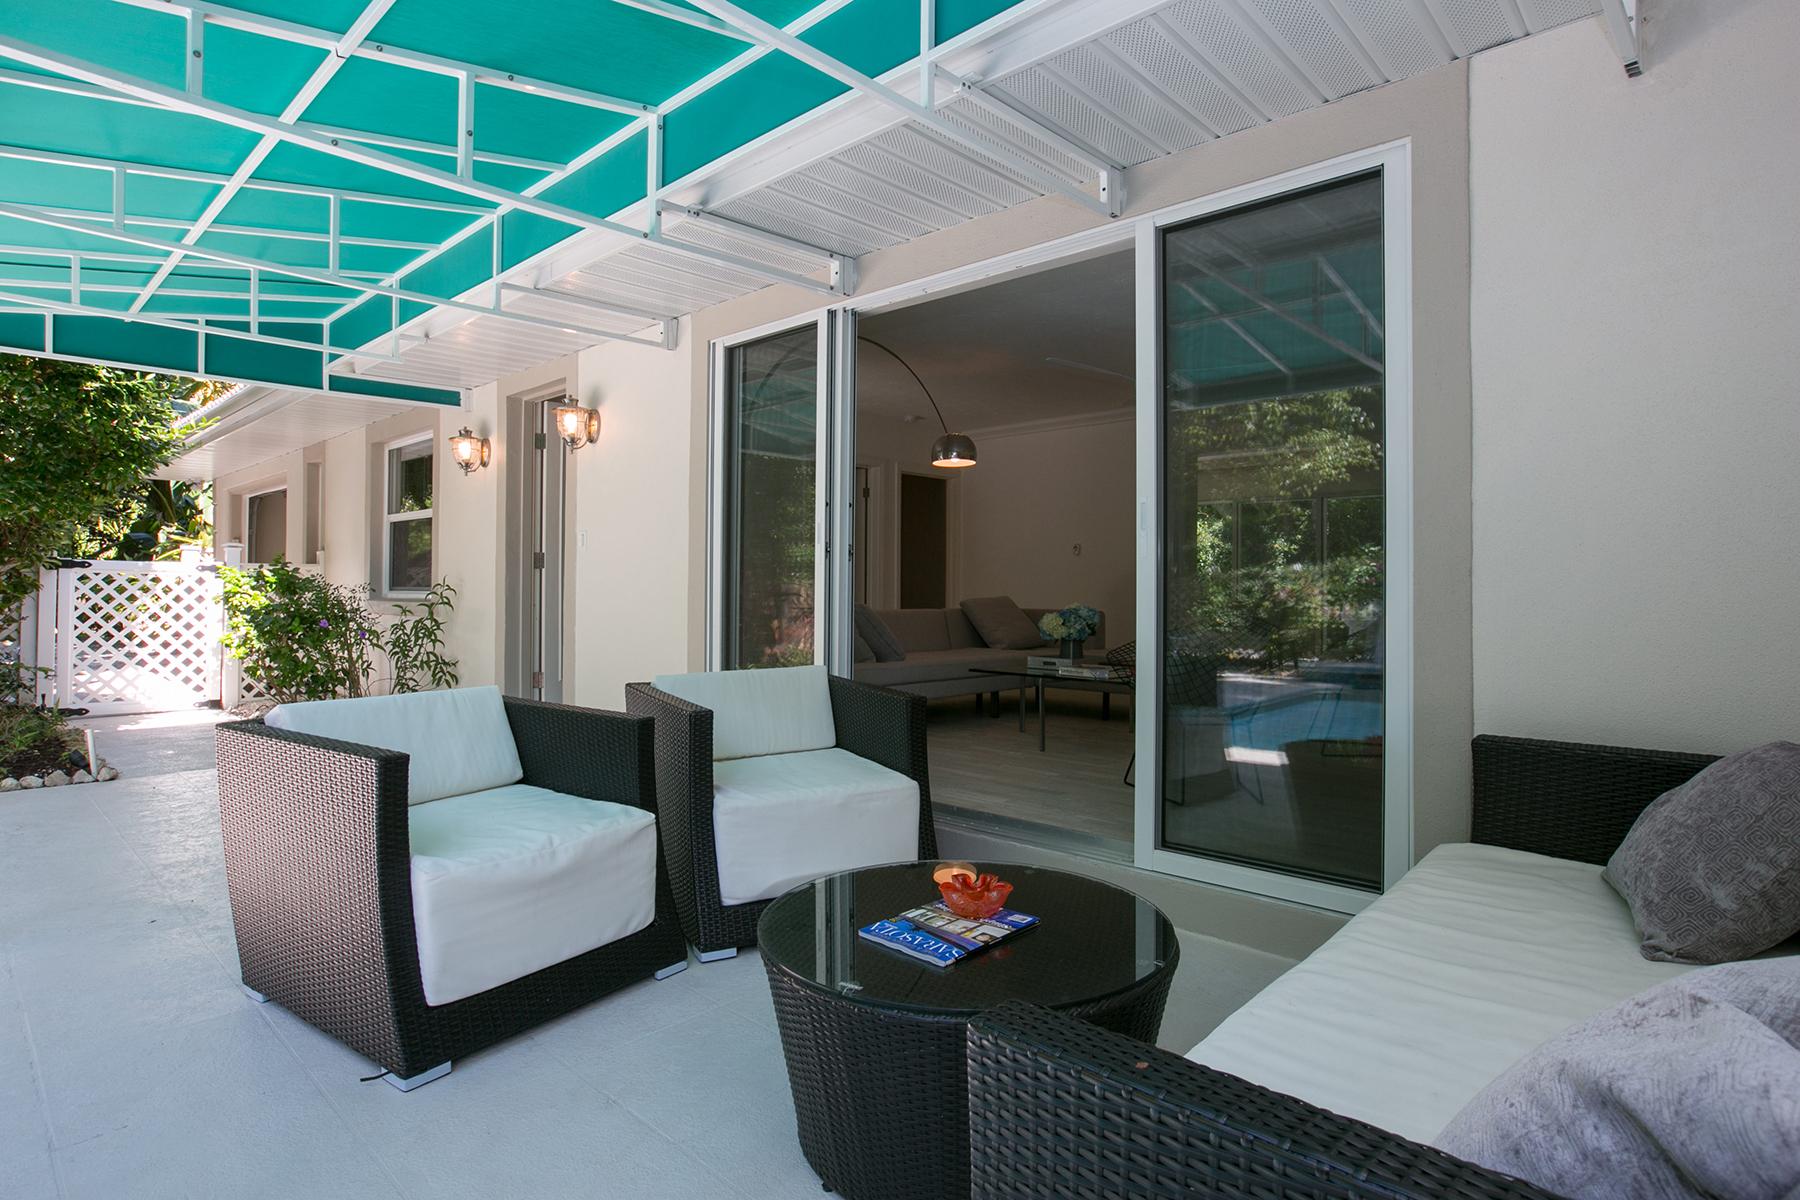 独户住宅 为 销售 在 VENICE ISLAND BEACH HOUSE 121 Castile St Venice, 佛罗里达州 34285 美国